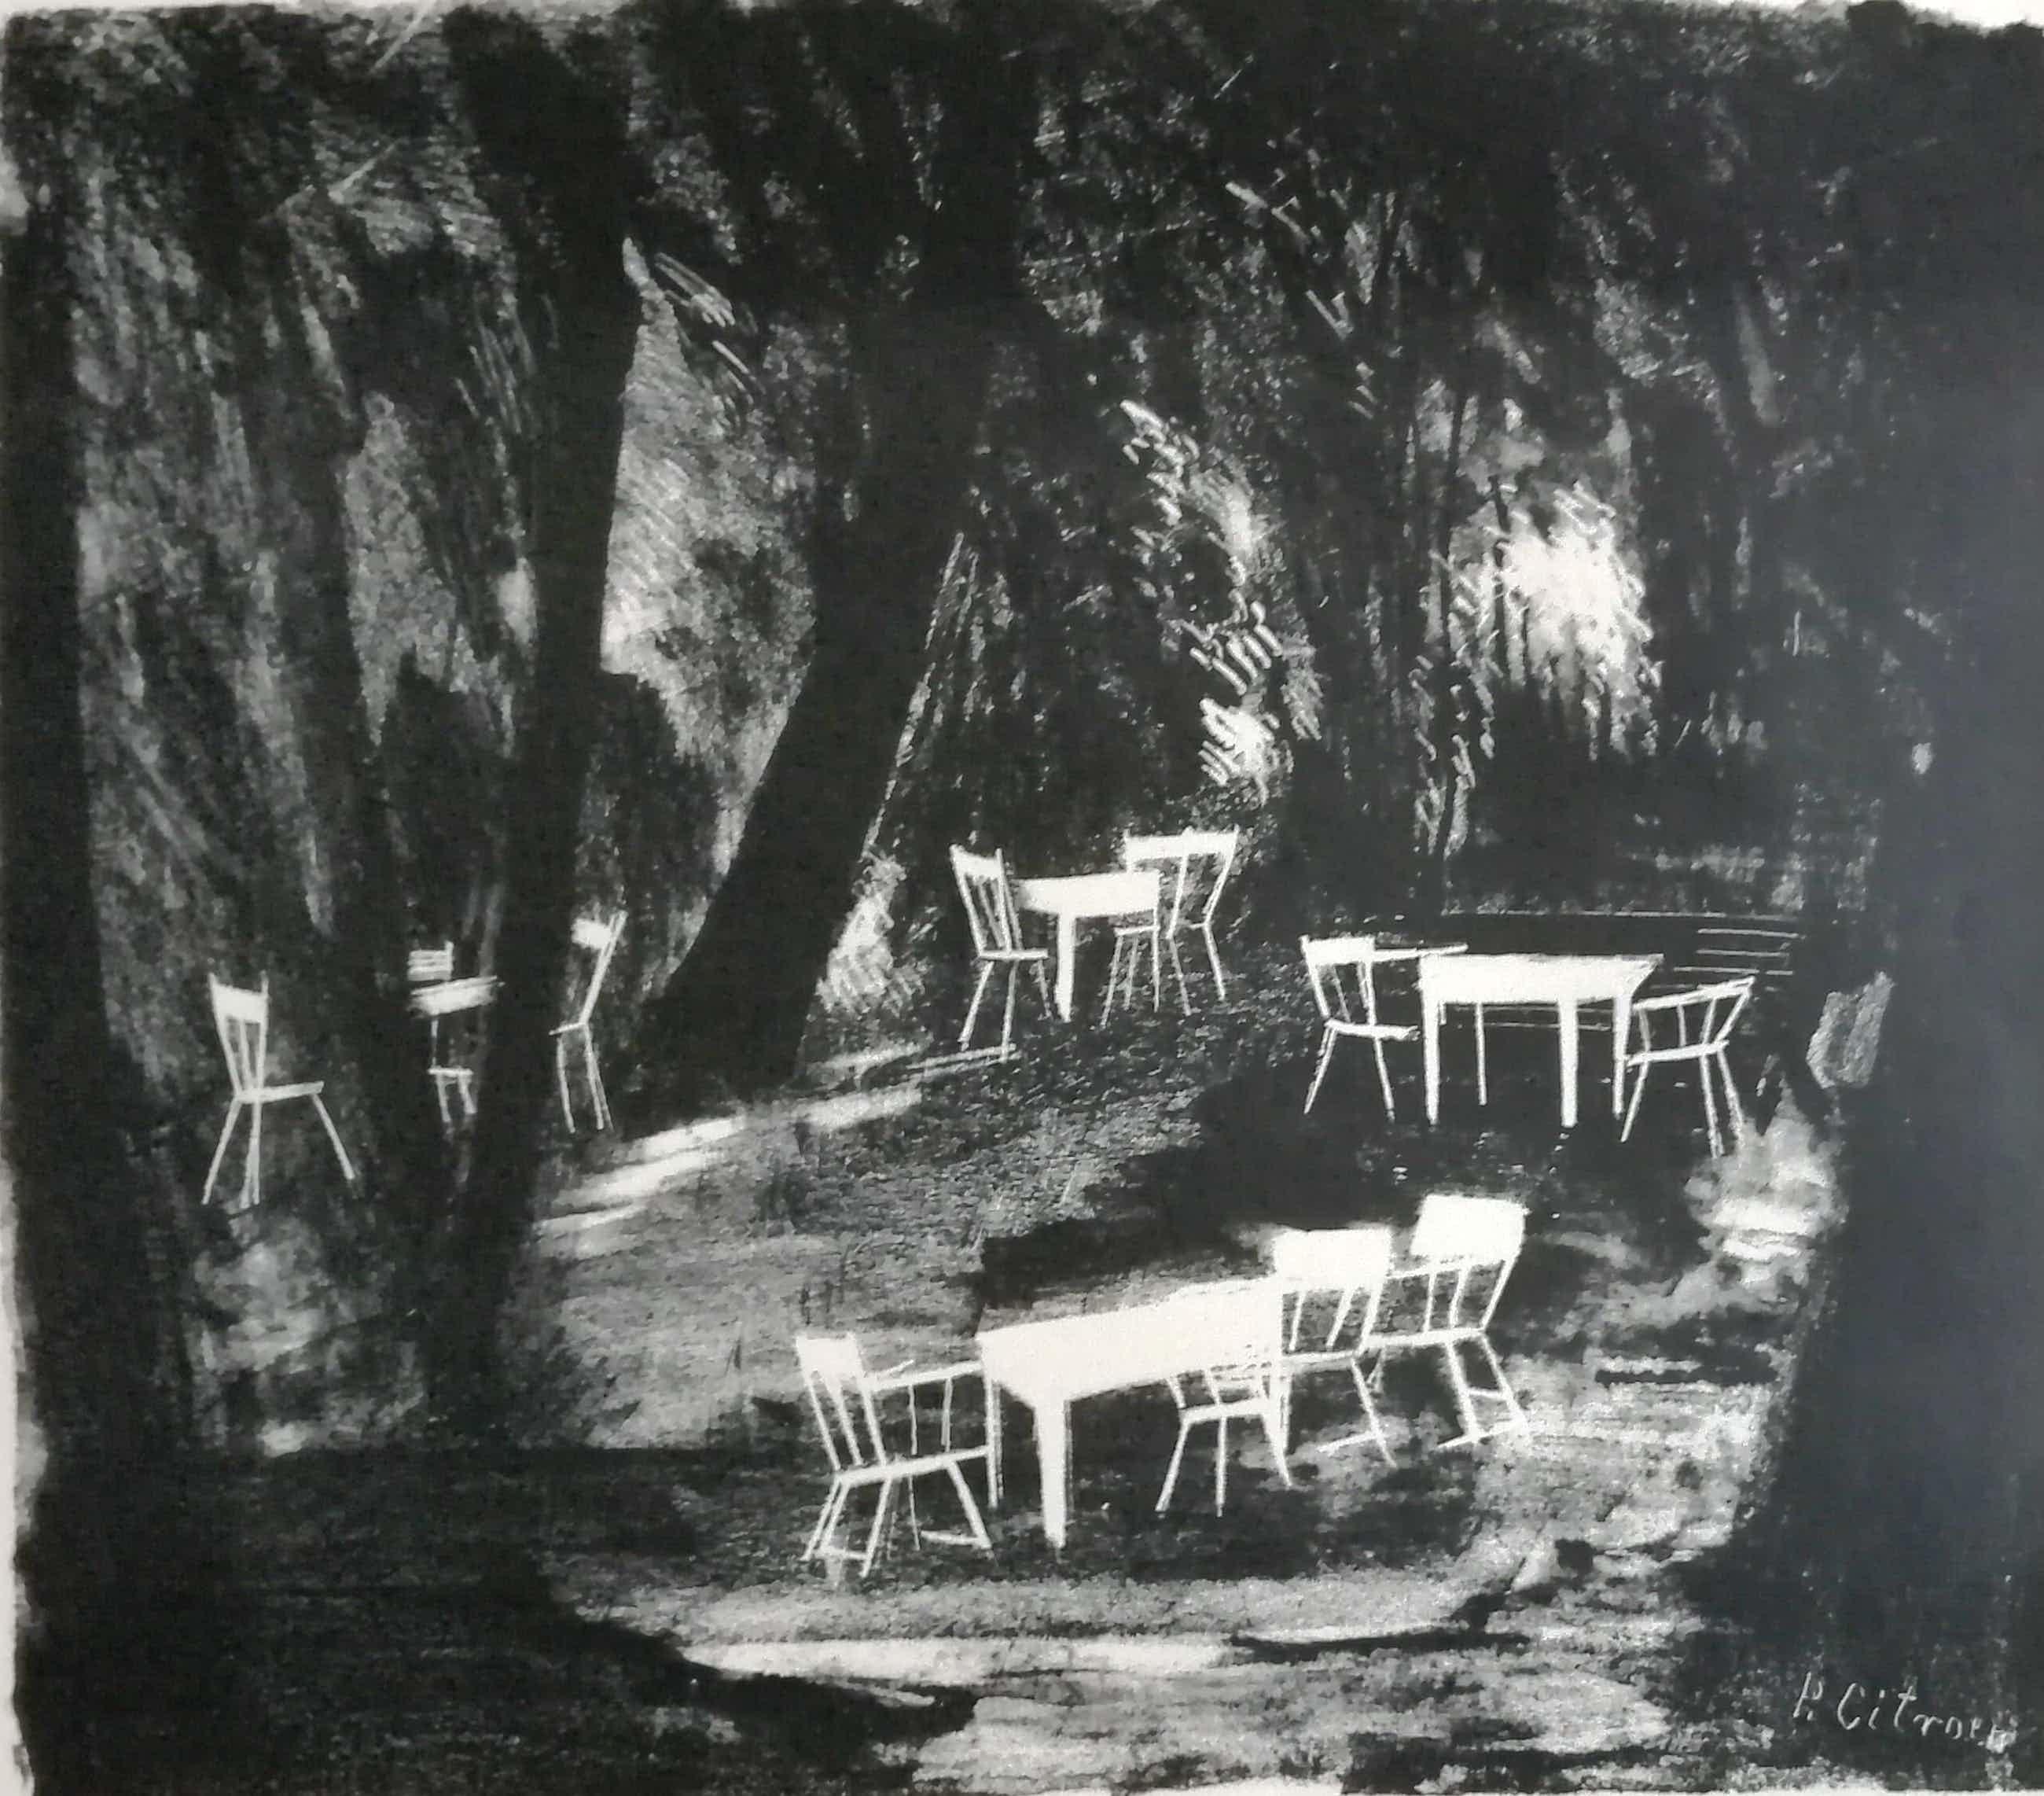 Paul Citroen - Cafétuin met witte stoelen kopen? Bied vanaf 70!